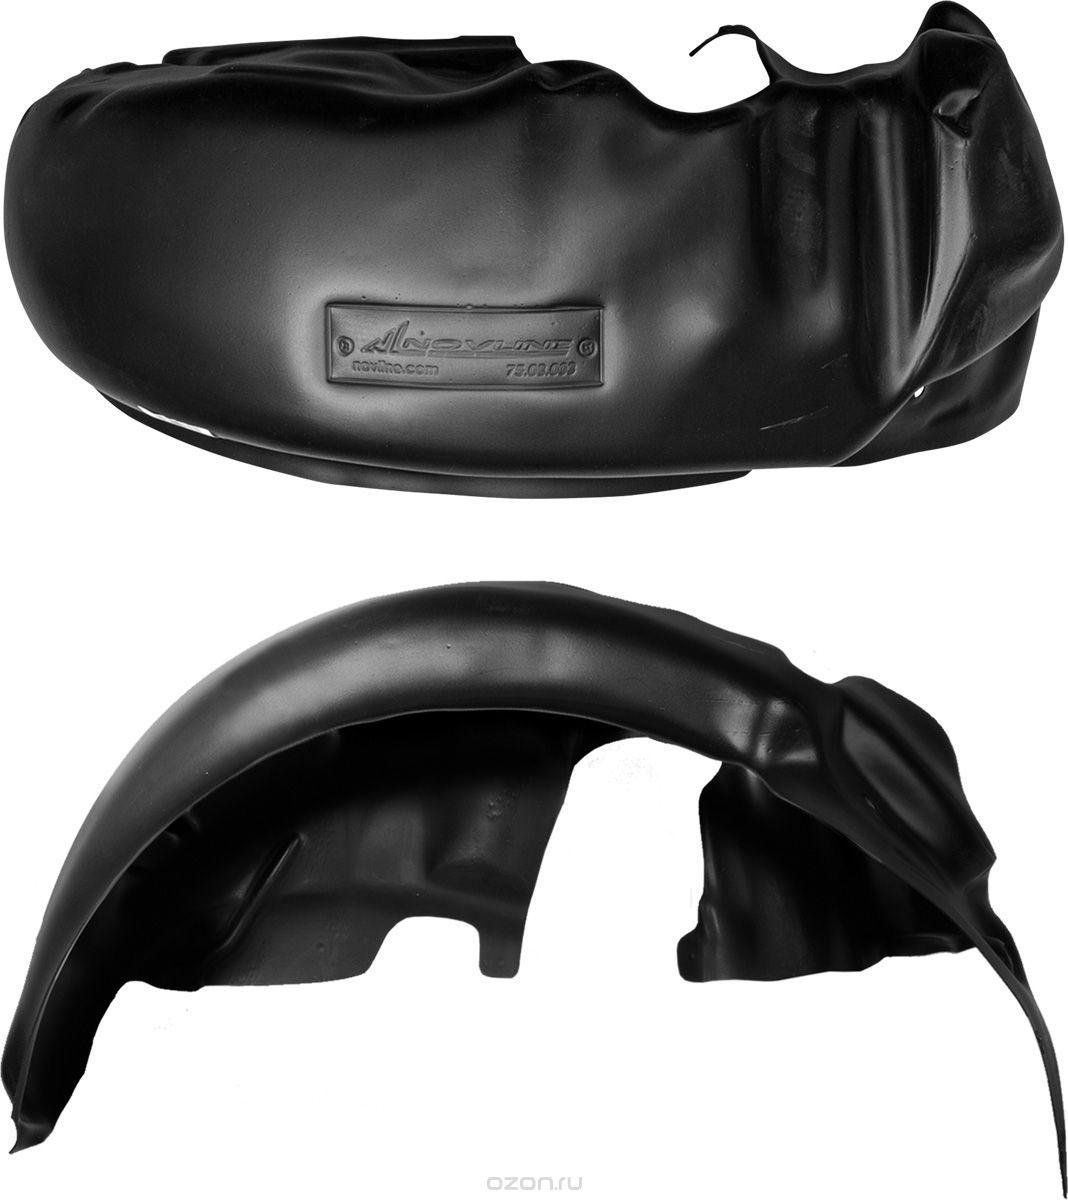 Подкрылок Novline-Autofamily, для MITSUBISHI L200, 2014-2015 с расширителями арок, передний левый42803004Идеальная защита колесной ниши. Локеры разработаны с применением цифровых технологий, гарантируют максимальную повторяемость поверхности арки. Изделия устанавливаются без нарушения лакокрасочного покрытия автомобиля, каждый подкрылок комплектуется крепежом. Уважаемые клиенты, обращаем ваше внимание, что фотографии на подкрылки универсальные и не отражают реальную форму изделия. При этом само изделие идет точно под размер указанного автомобиля.